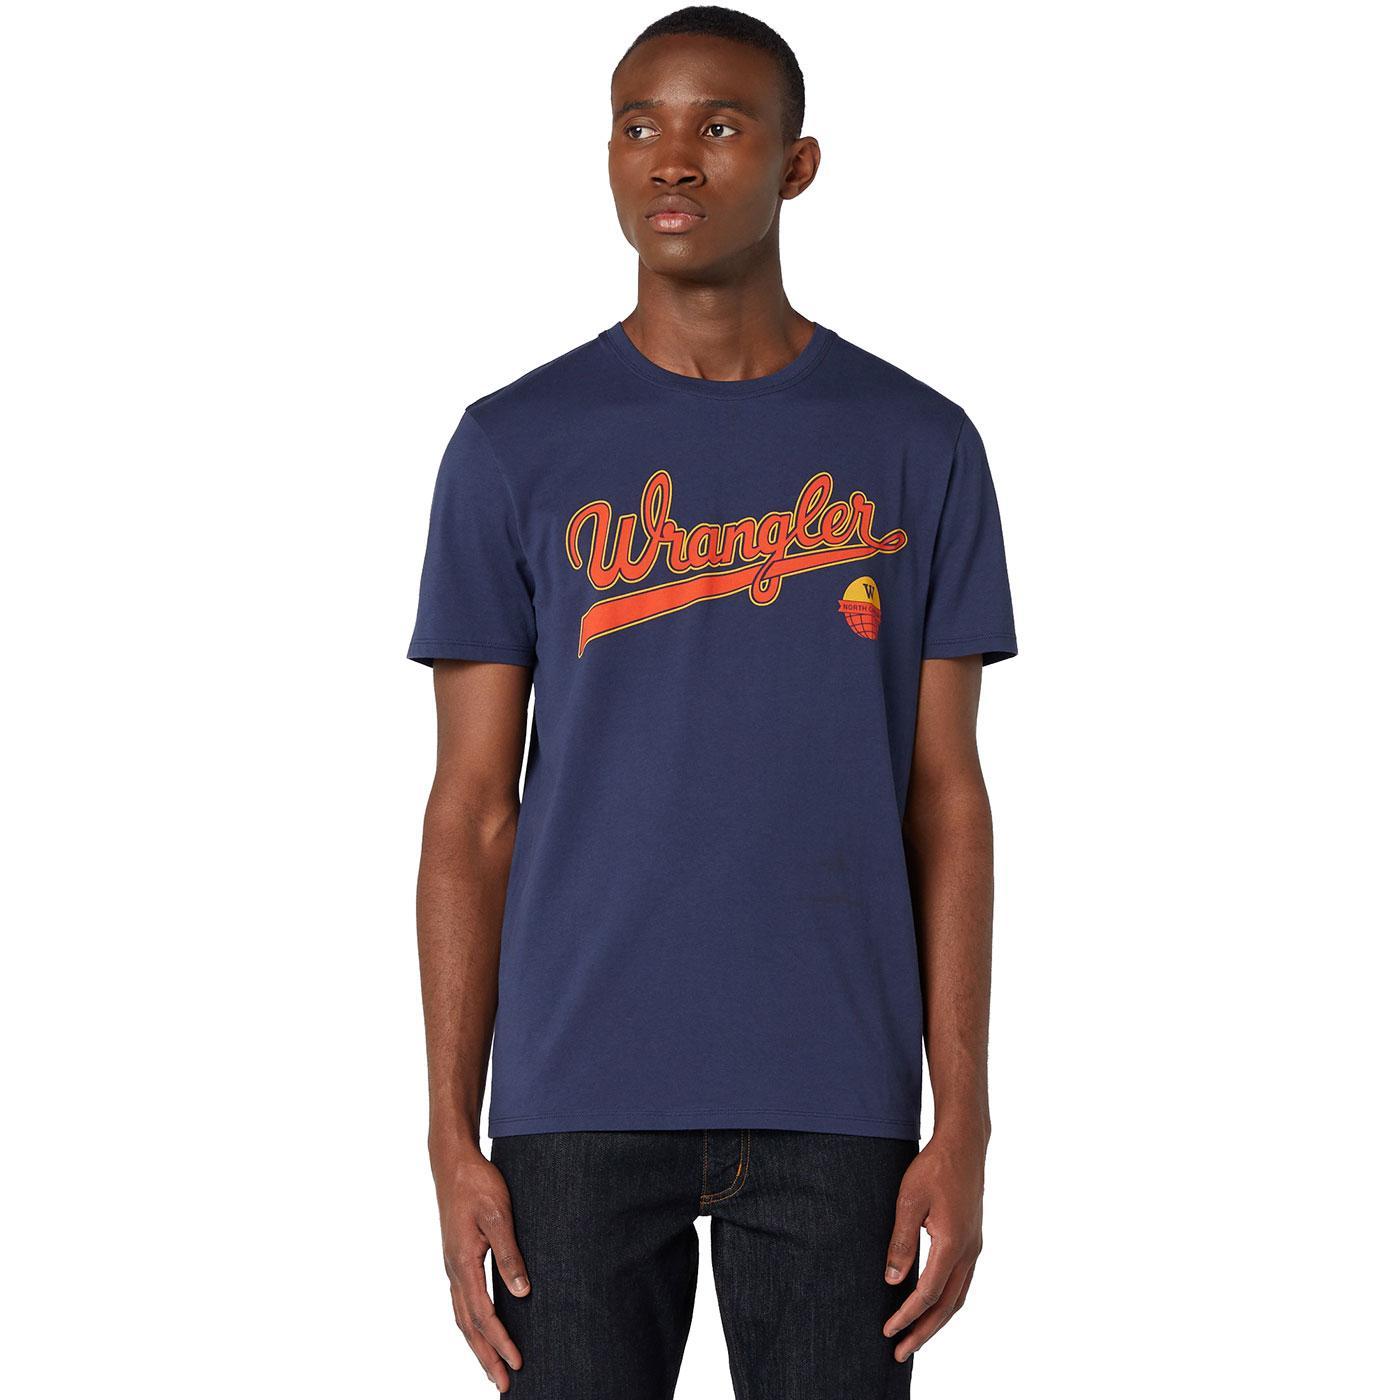 WRANGLER Men's Retro Baseball Style Logo Tee